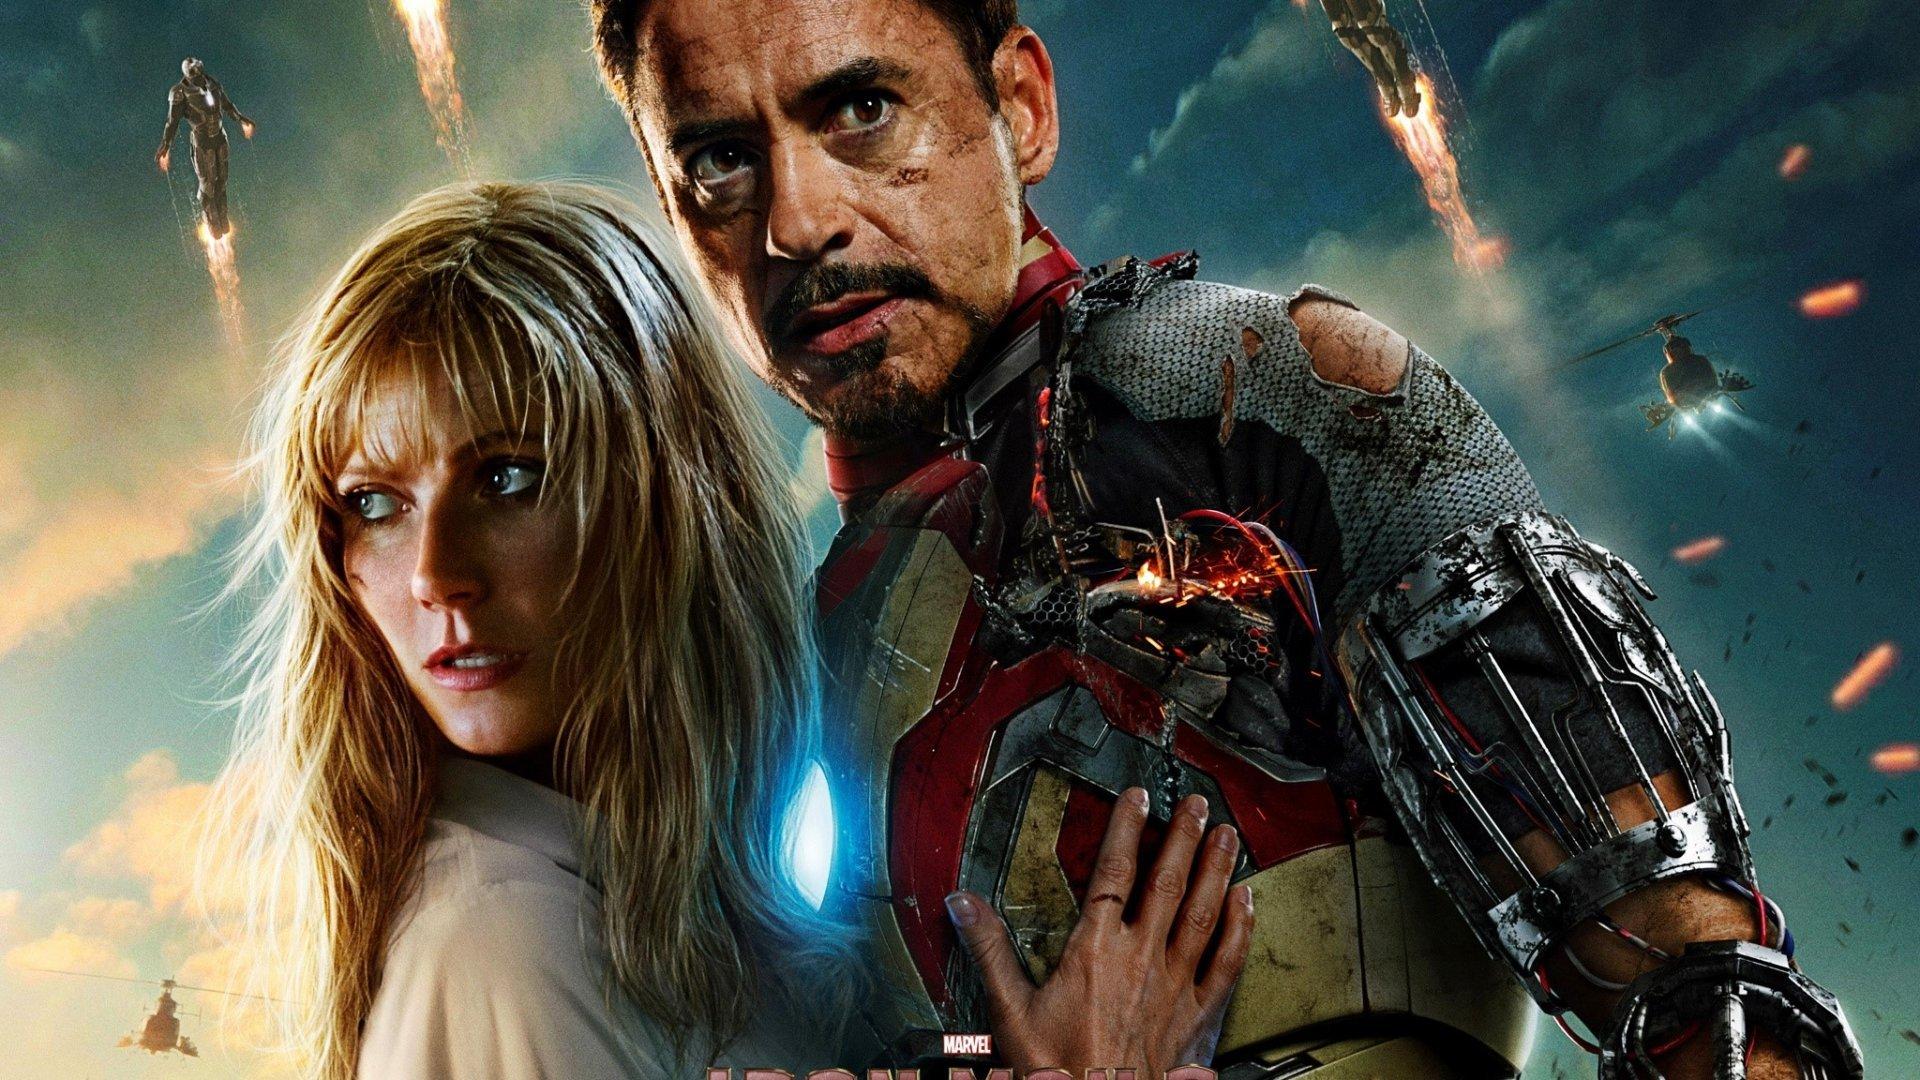 Robert Downey Jr En Iron Man 3 Wallpaper 1920x1080 Id 1097